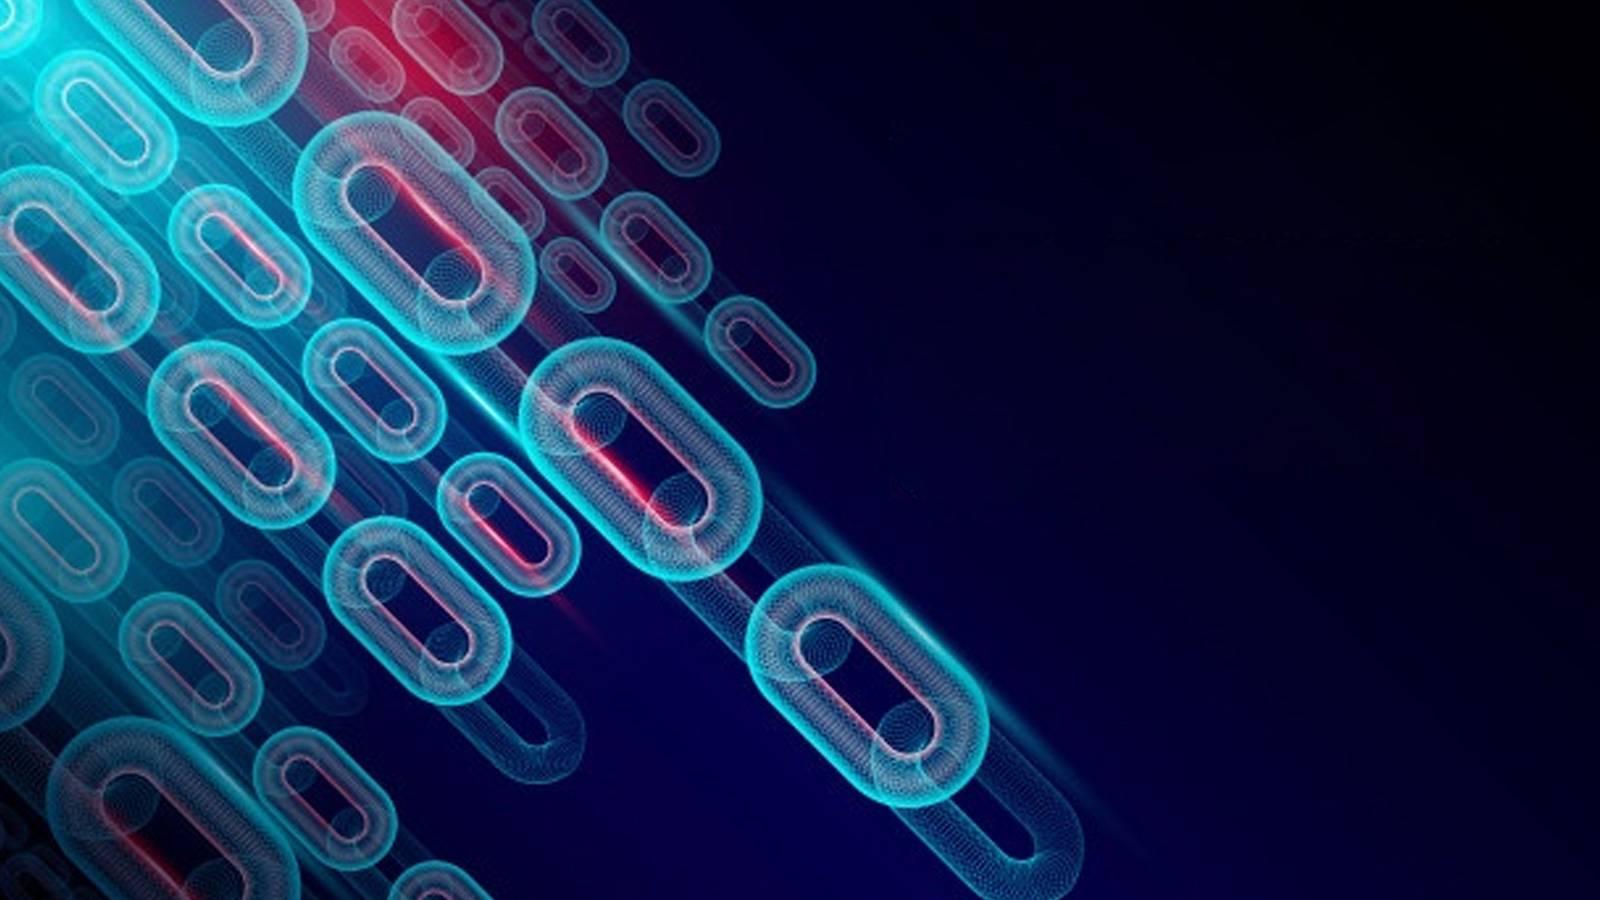 Le gouvernement chinois cherche à soutenir 2 projets blockchain par an